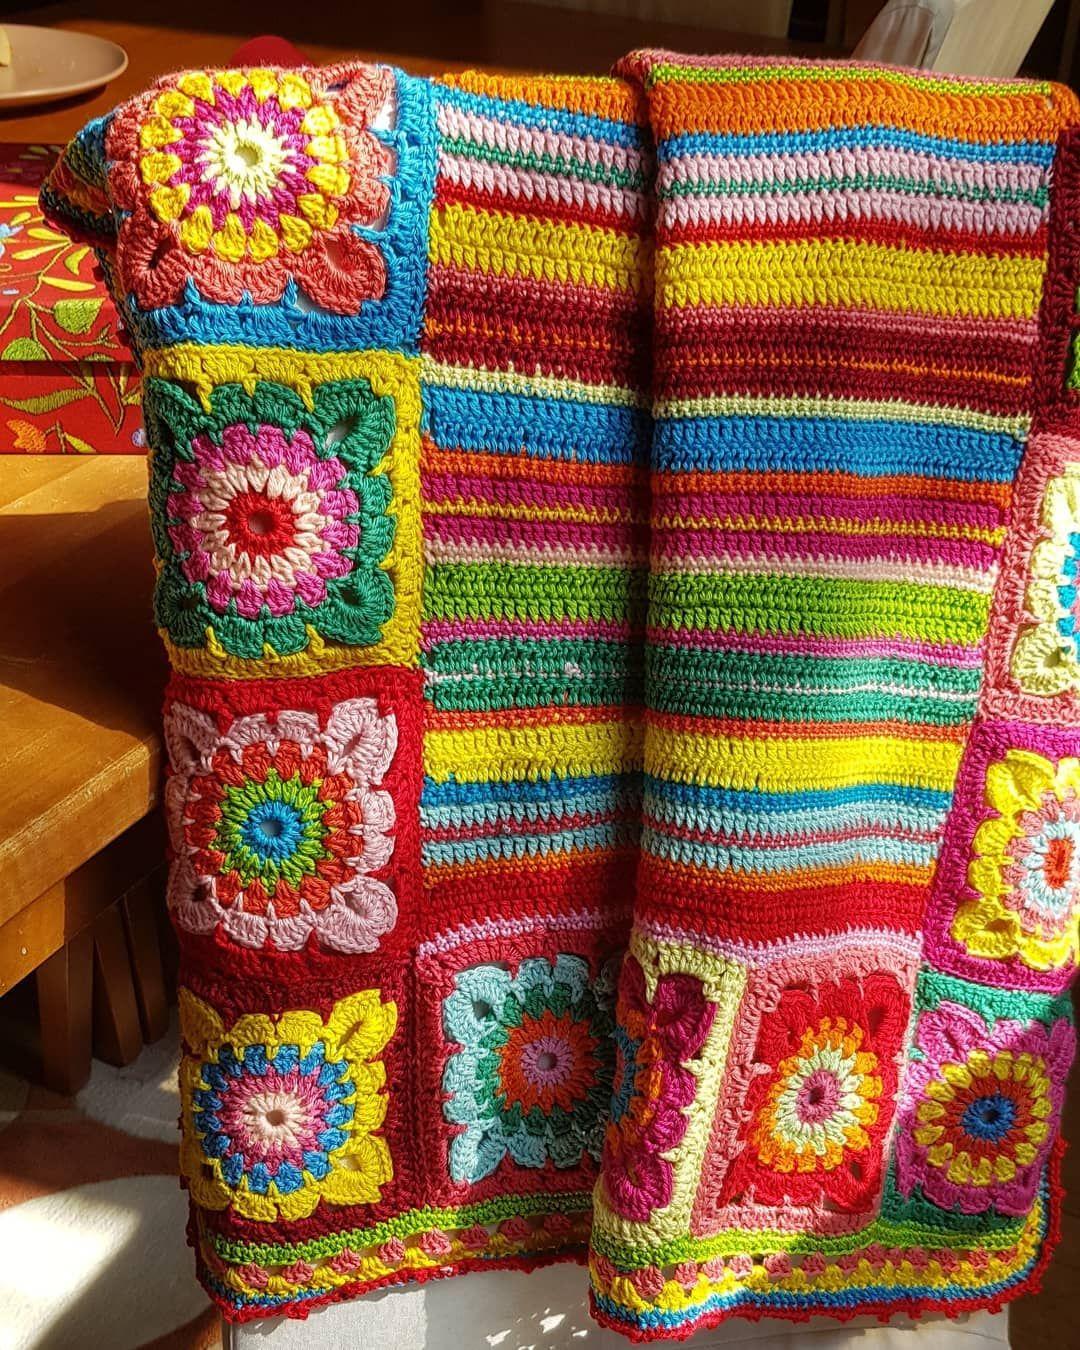 الغطاء المفضل لدي غطاء مربعات الجدة الملونة غطاء كروشيه أشغال أشغال يدوية فنون حياكة فن فكرة مربعات الجدة طفل وليد بيبي Blanket Crochet Crochet Blanket